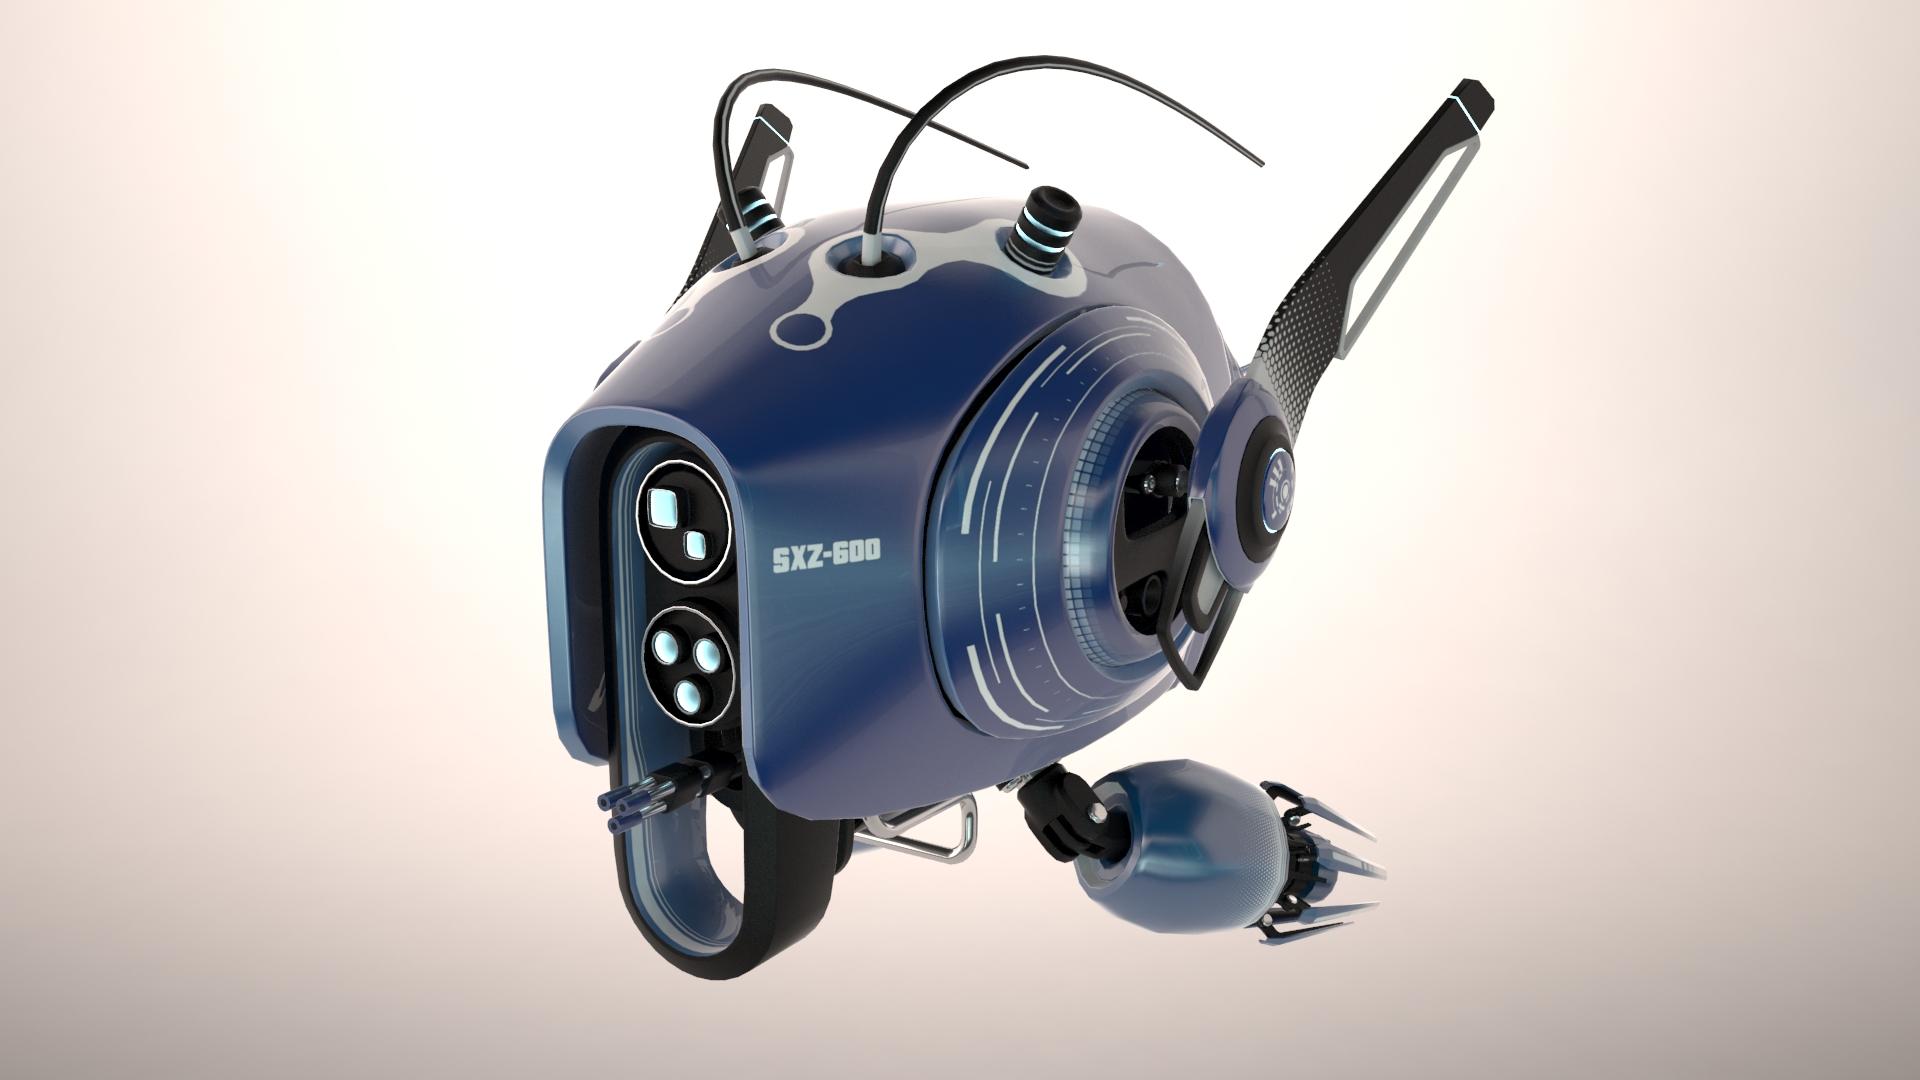 drone sxz600 3d modelo 3ds max fbx obj 267279